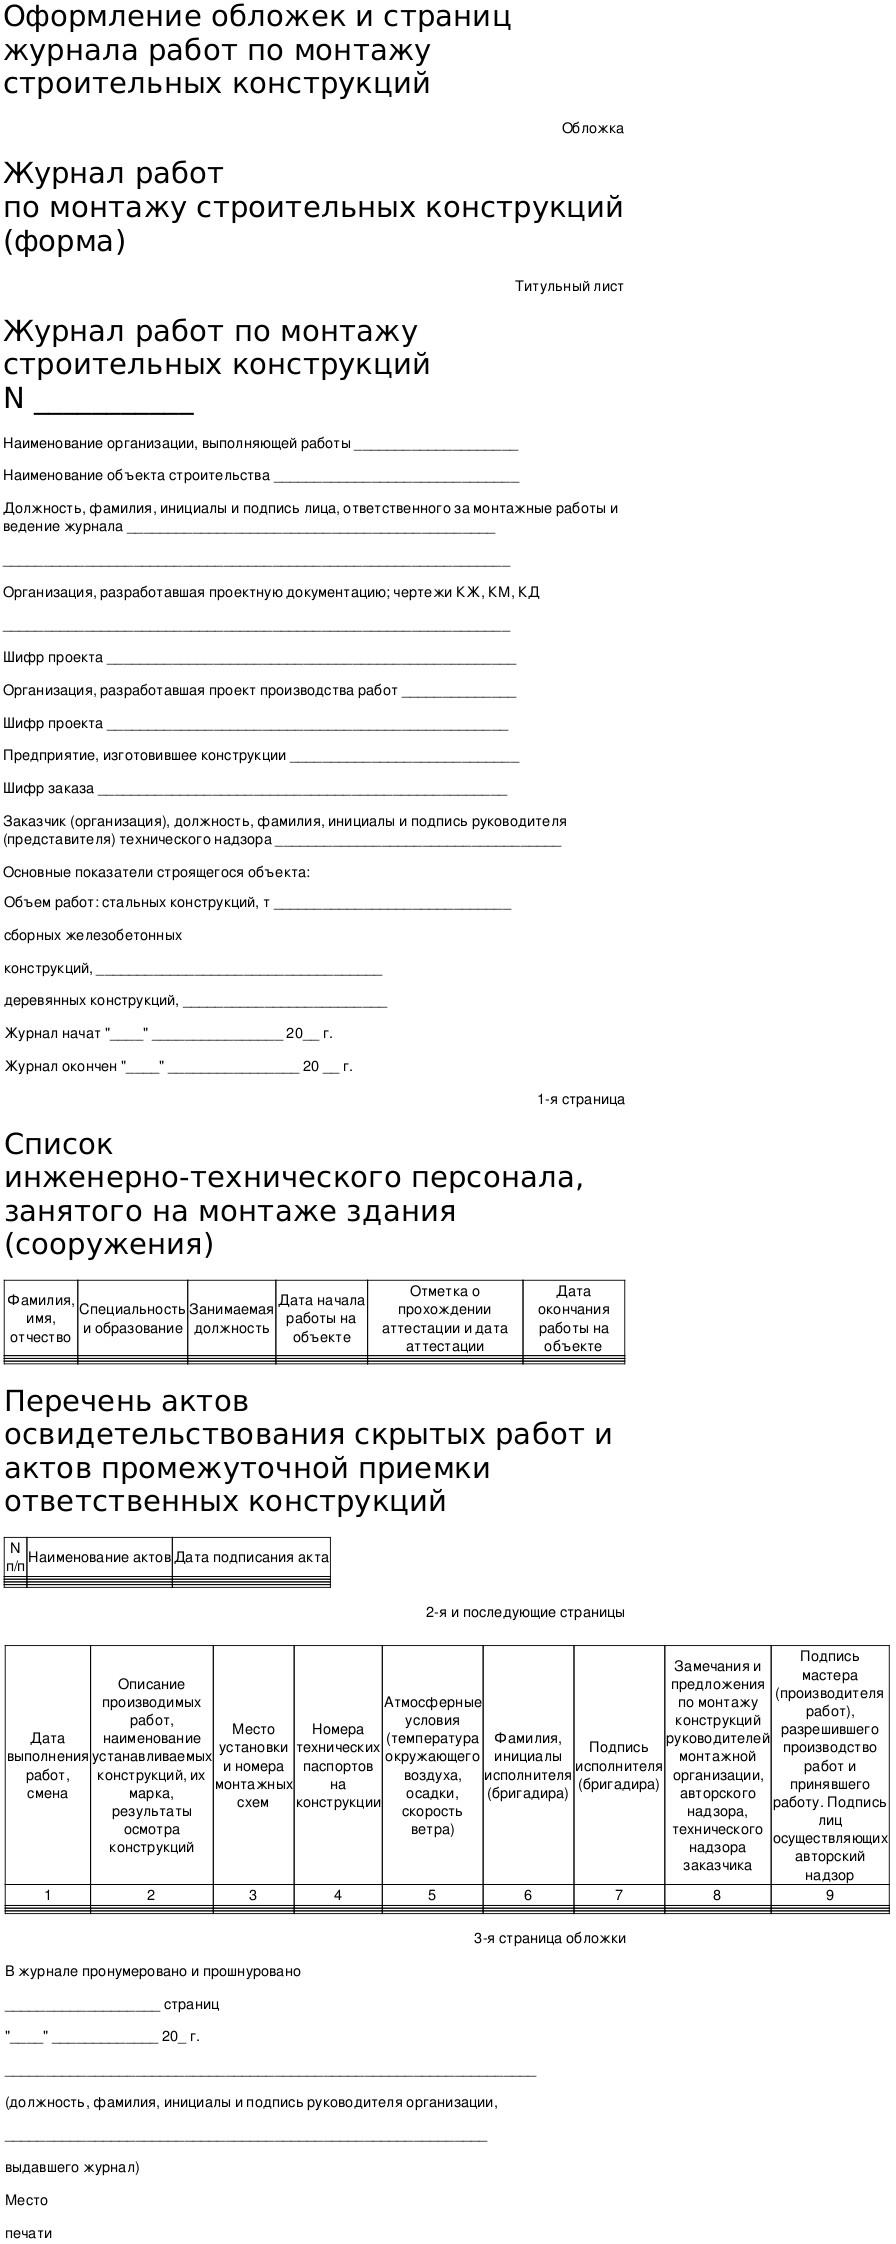 70133302012-060.jpg